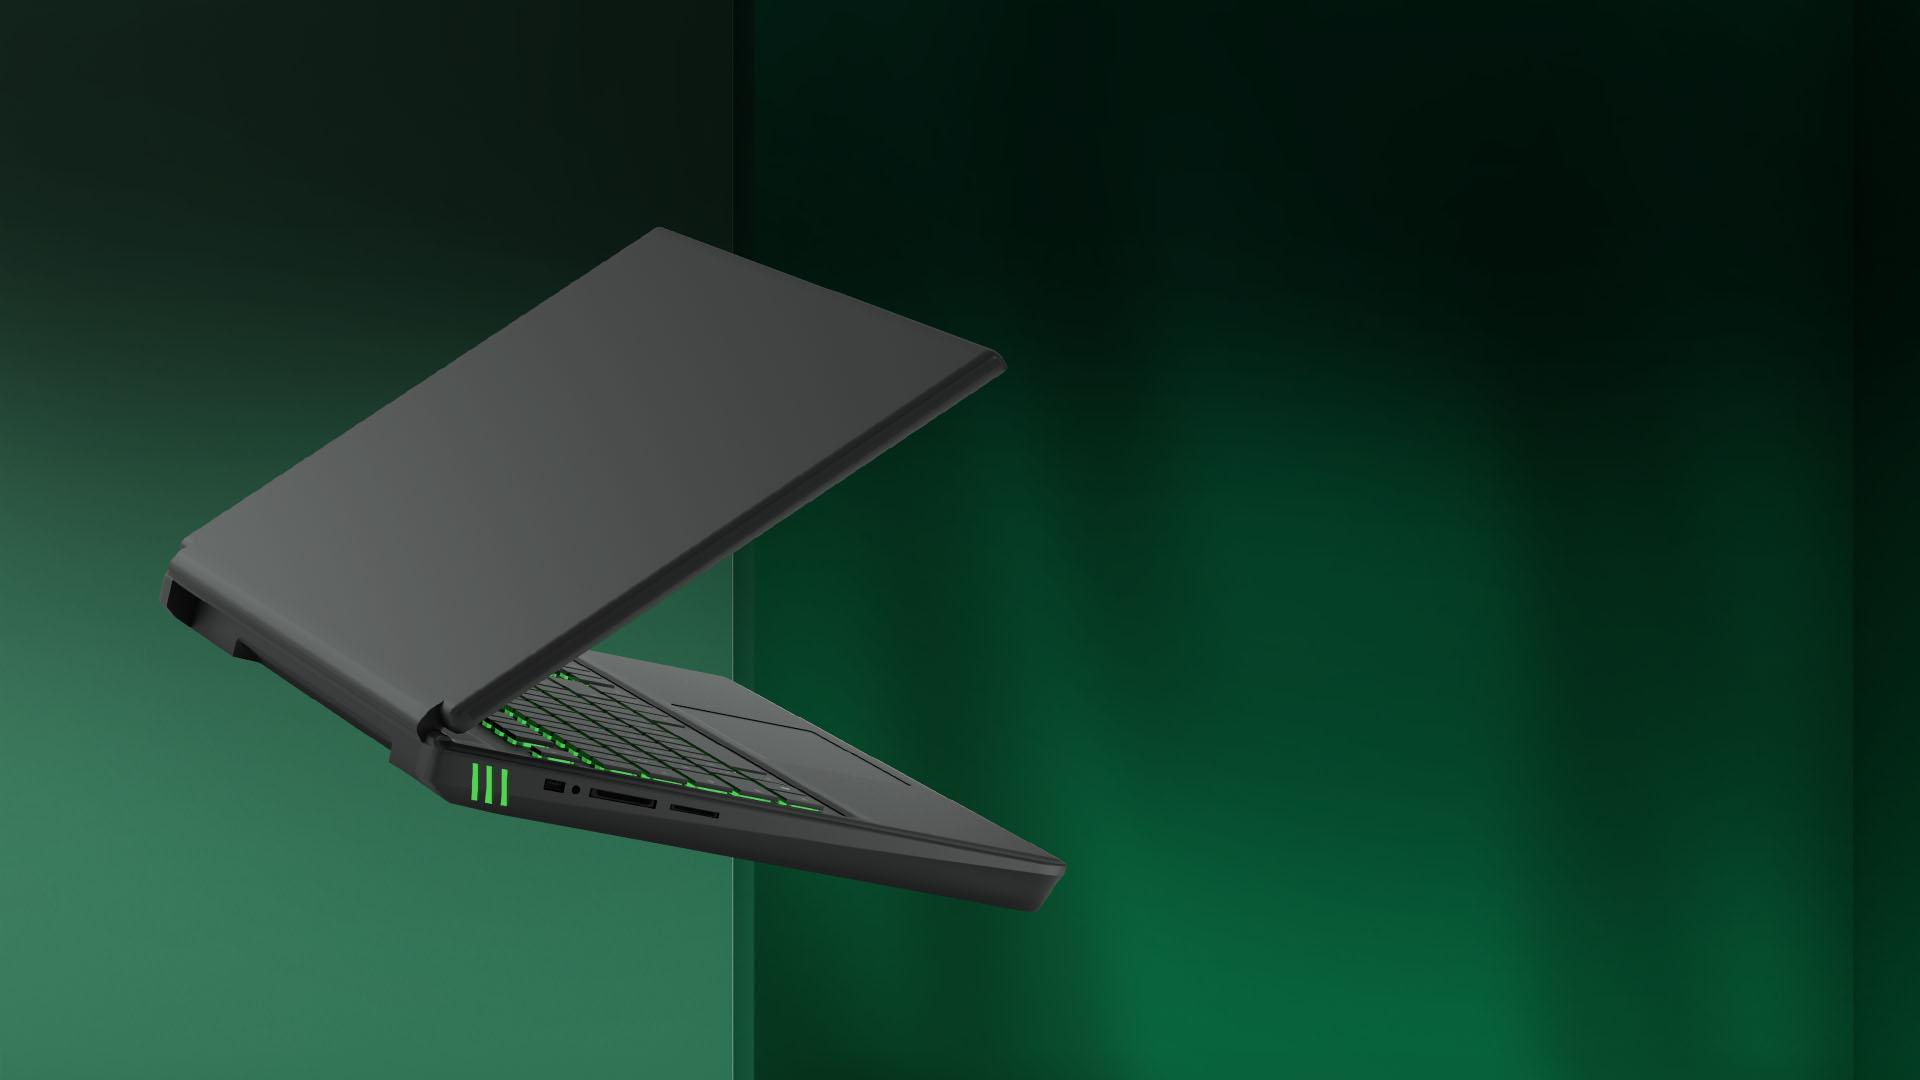 開かれて空中に浮かんでいるノート PC